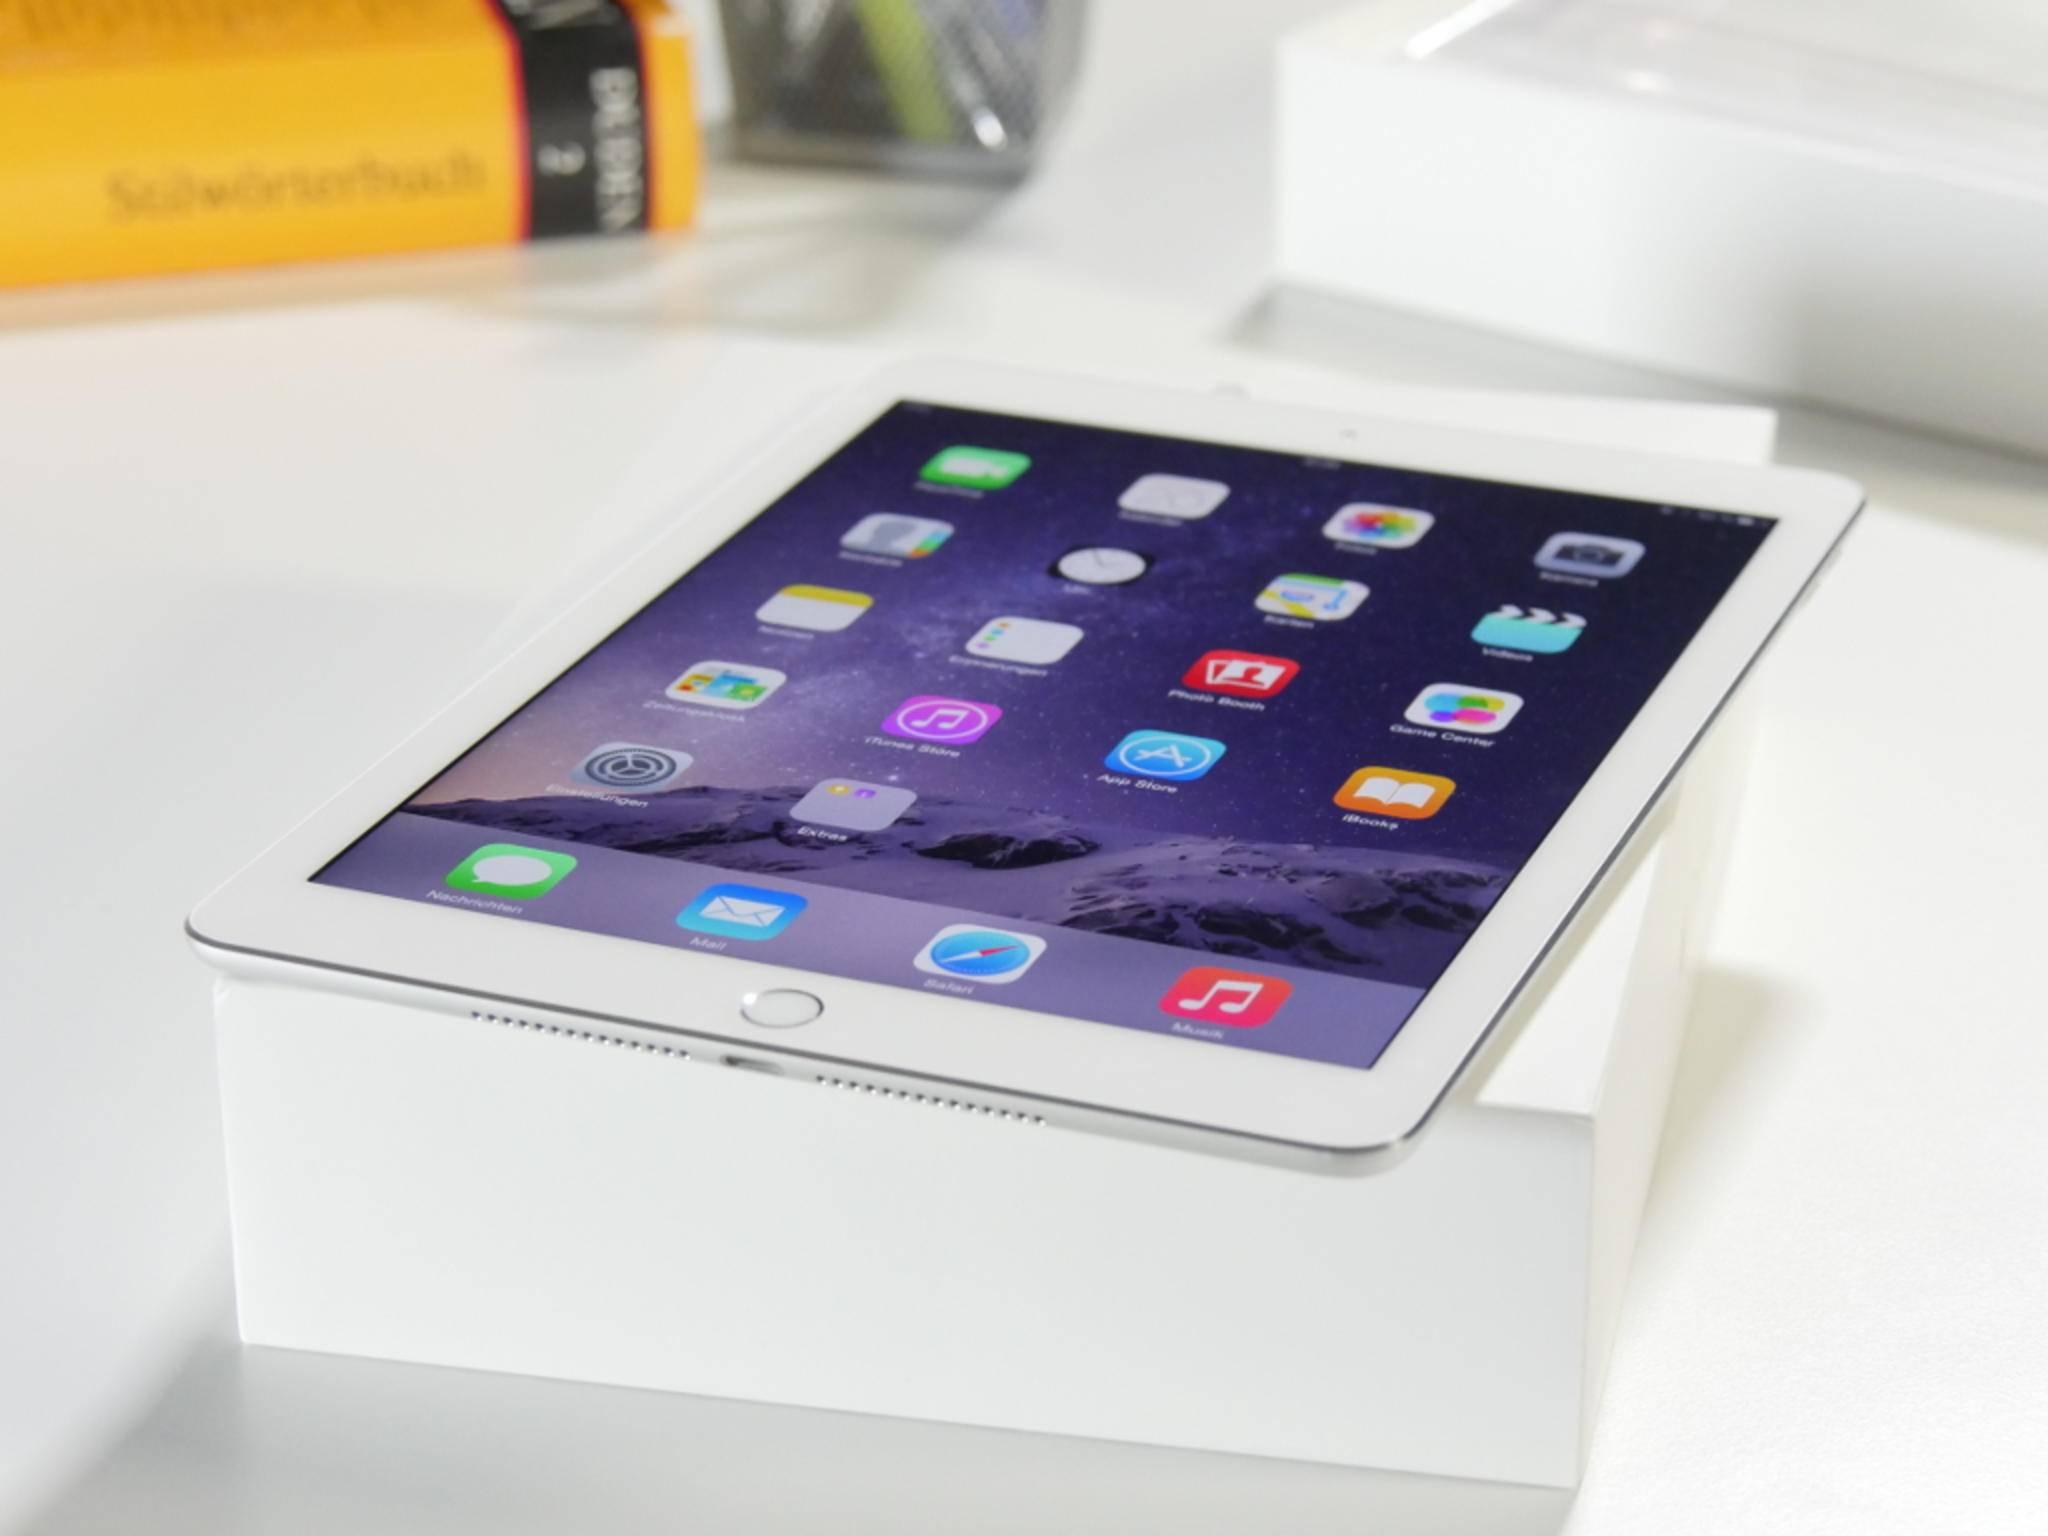 Dadurch spiegelt das iPad Air 2 weniger als sein Vorgänger.